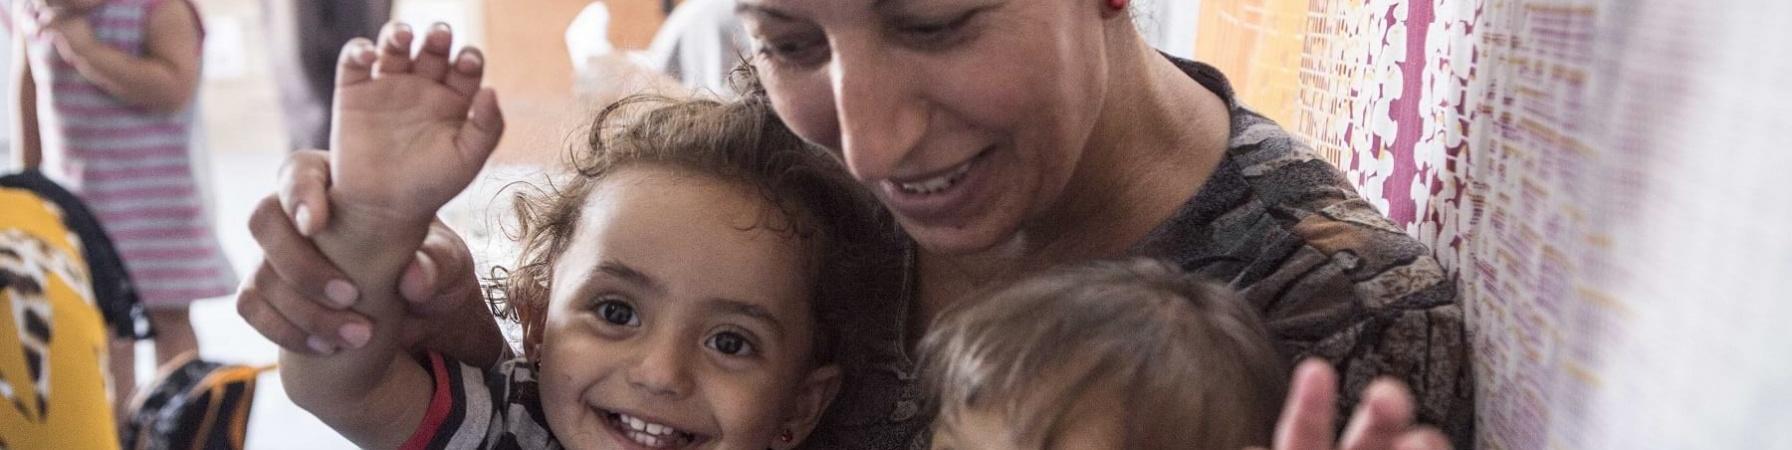 Una mamma abbraccia e guarda due bambini piccoli sorridenti